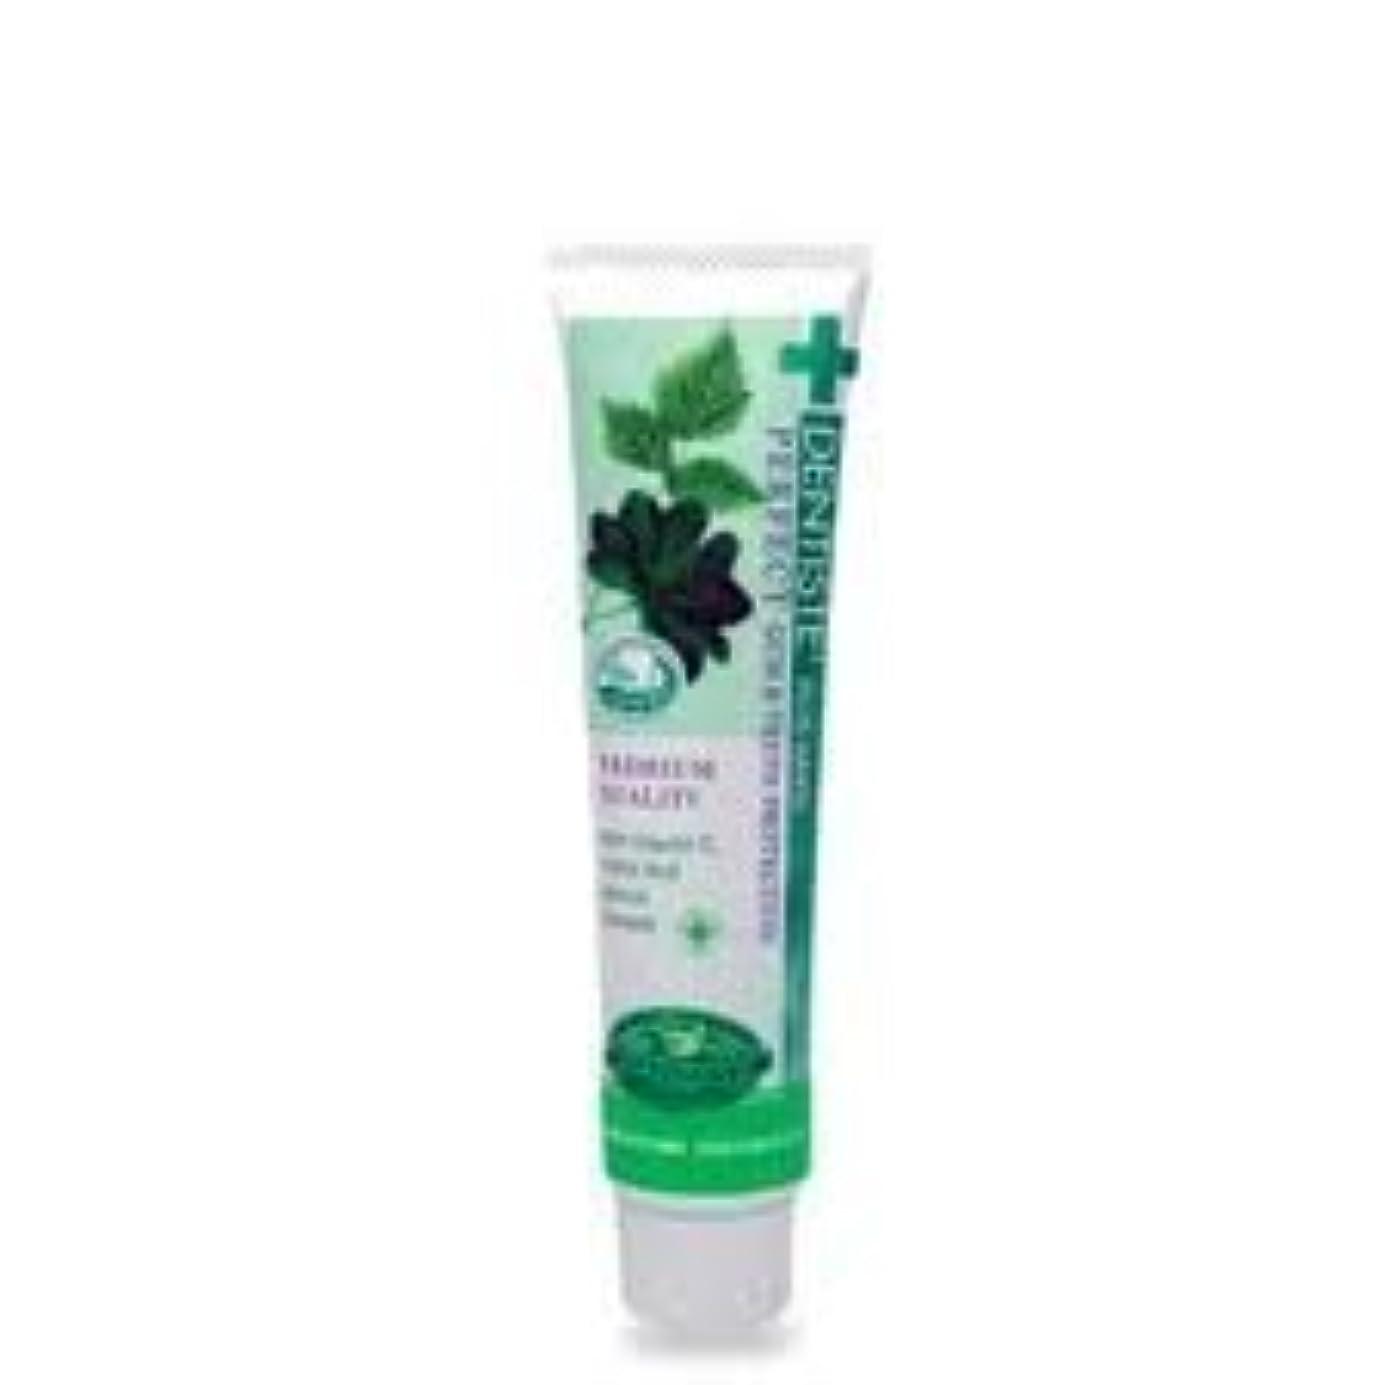 ステージ飢発明Dentiste Night Time Active Whitening Toothpaste 100 G Thailand Product by Dentiste